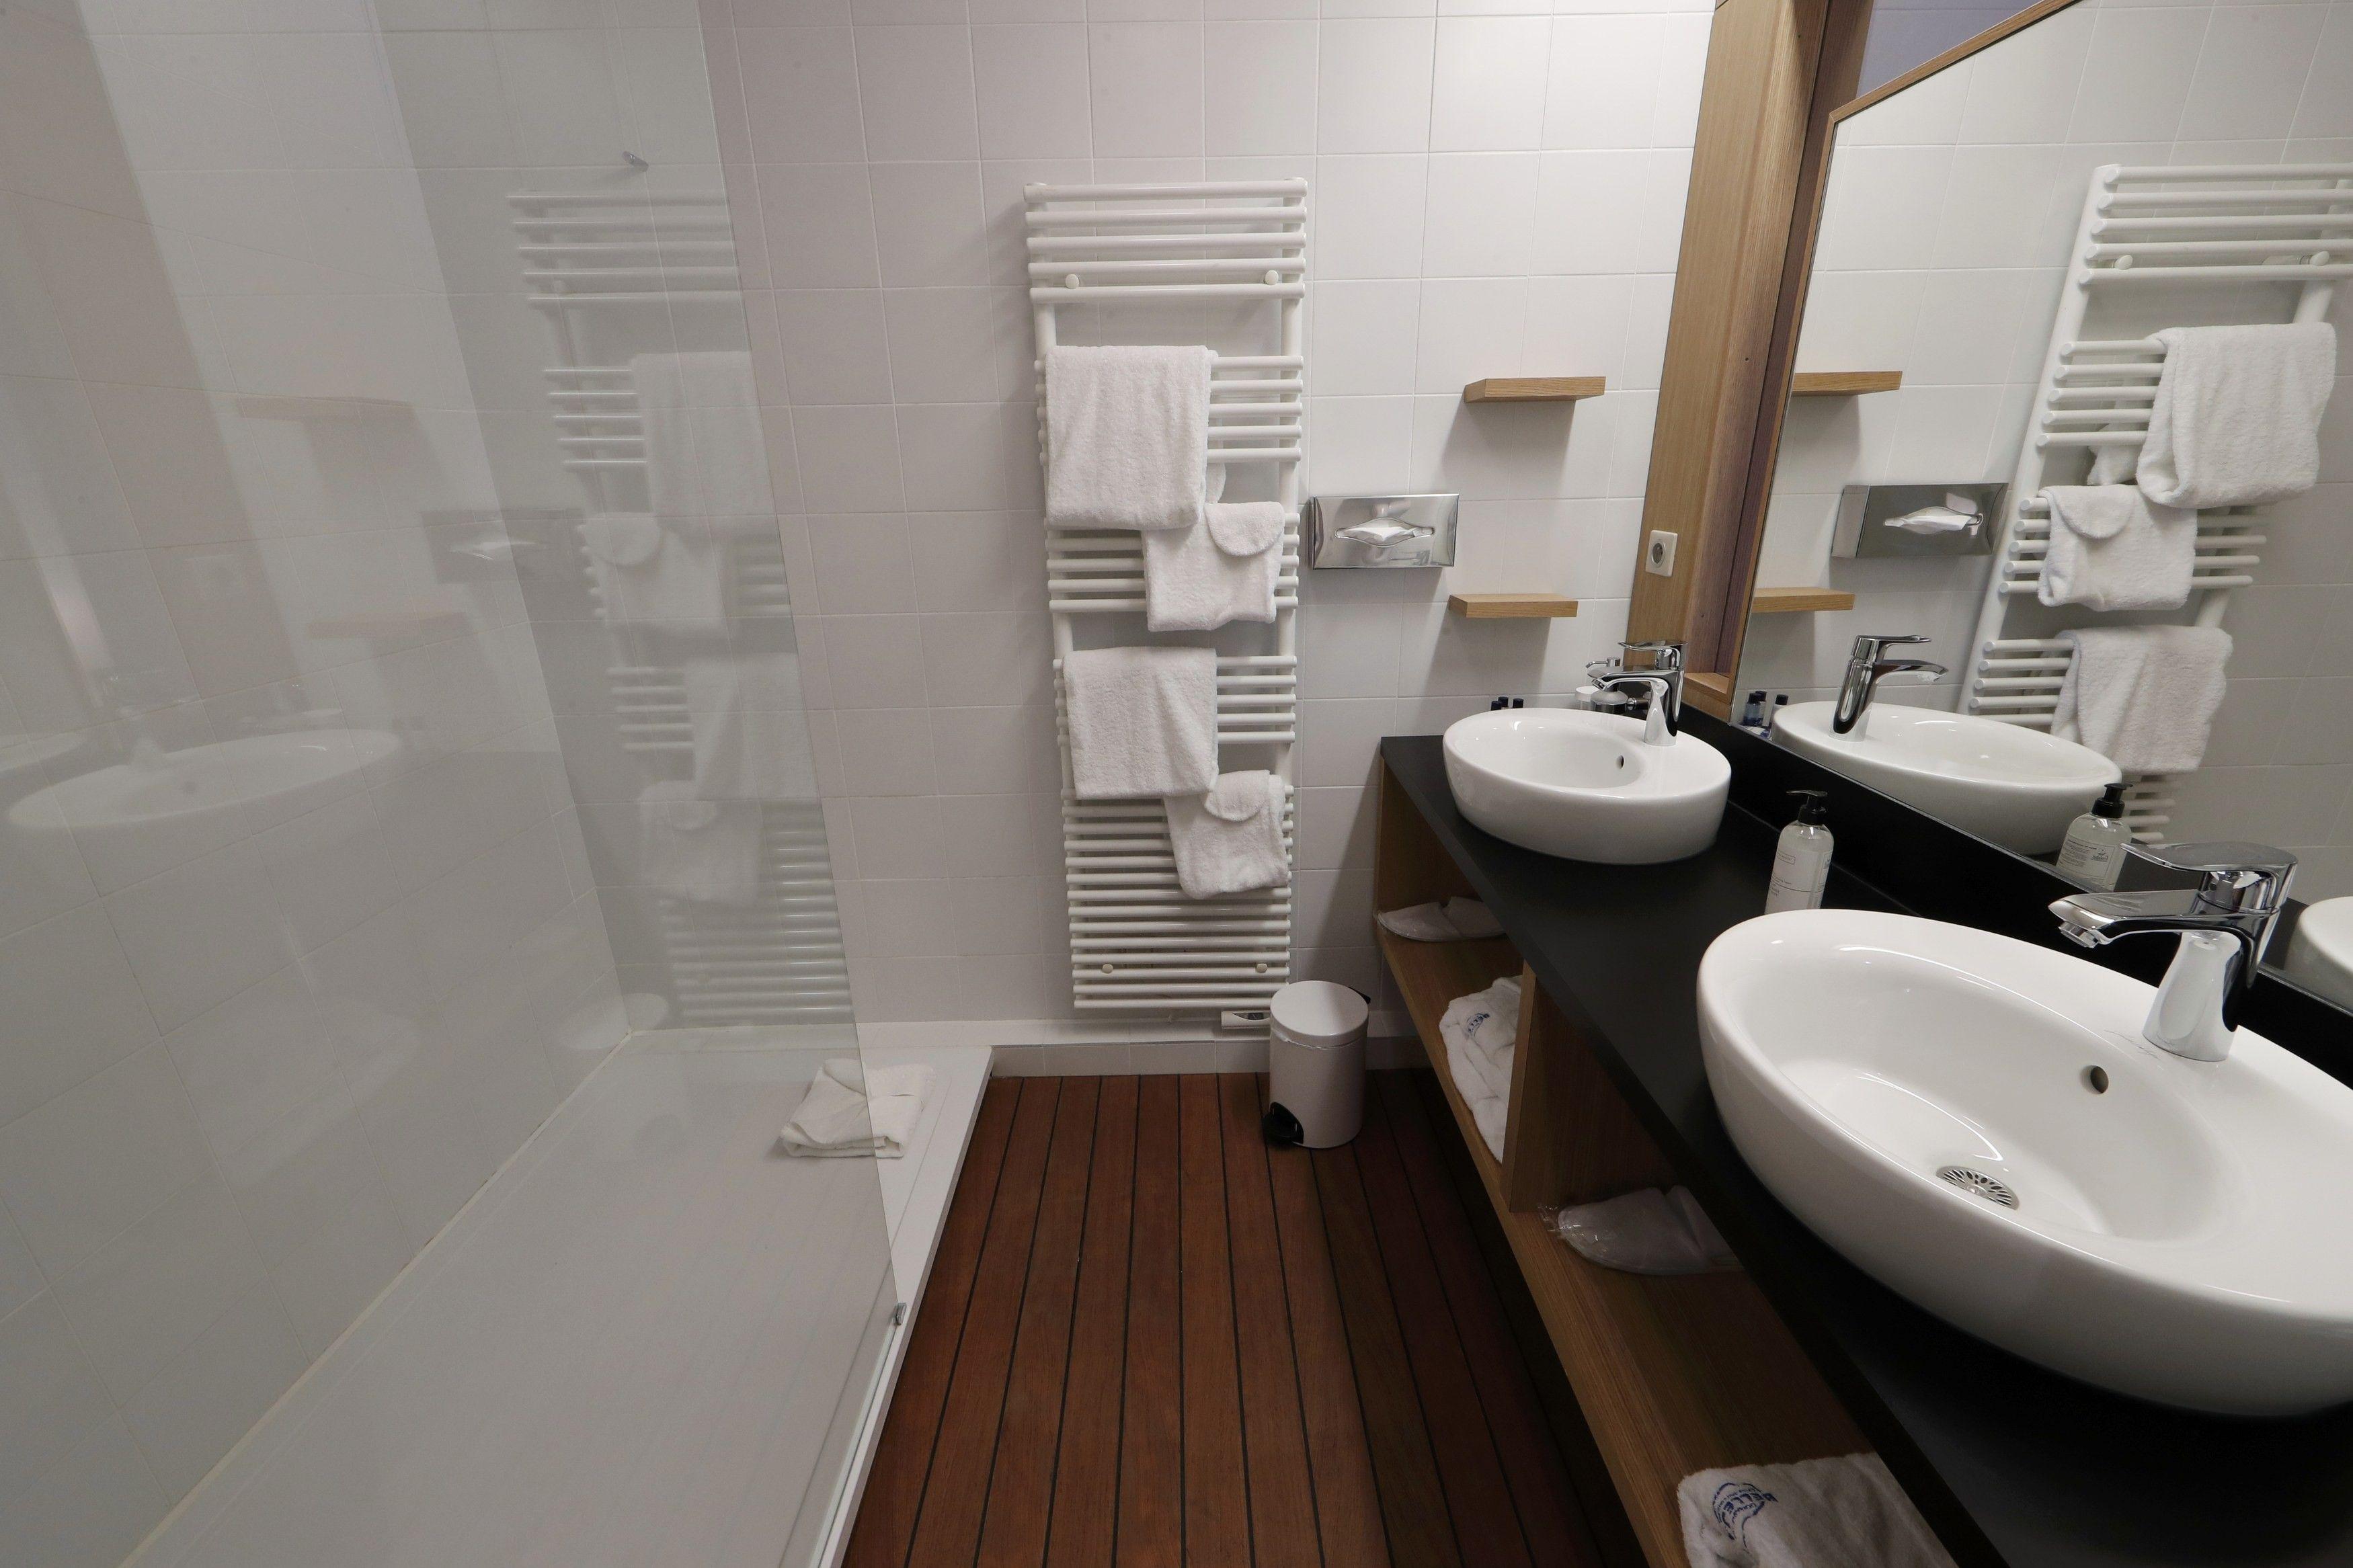 Коронавірус виявили у ванній кімнаті квартири, де ніхто не живе / REUTERS